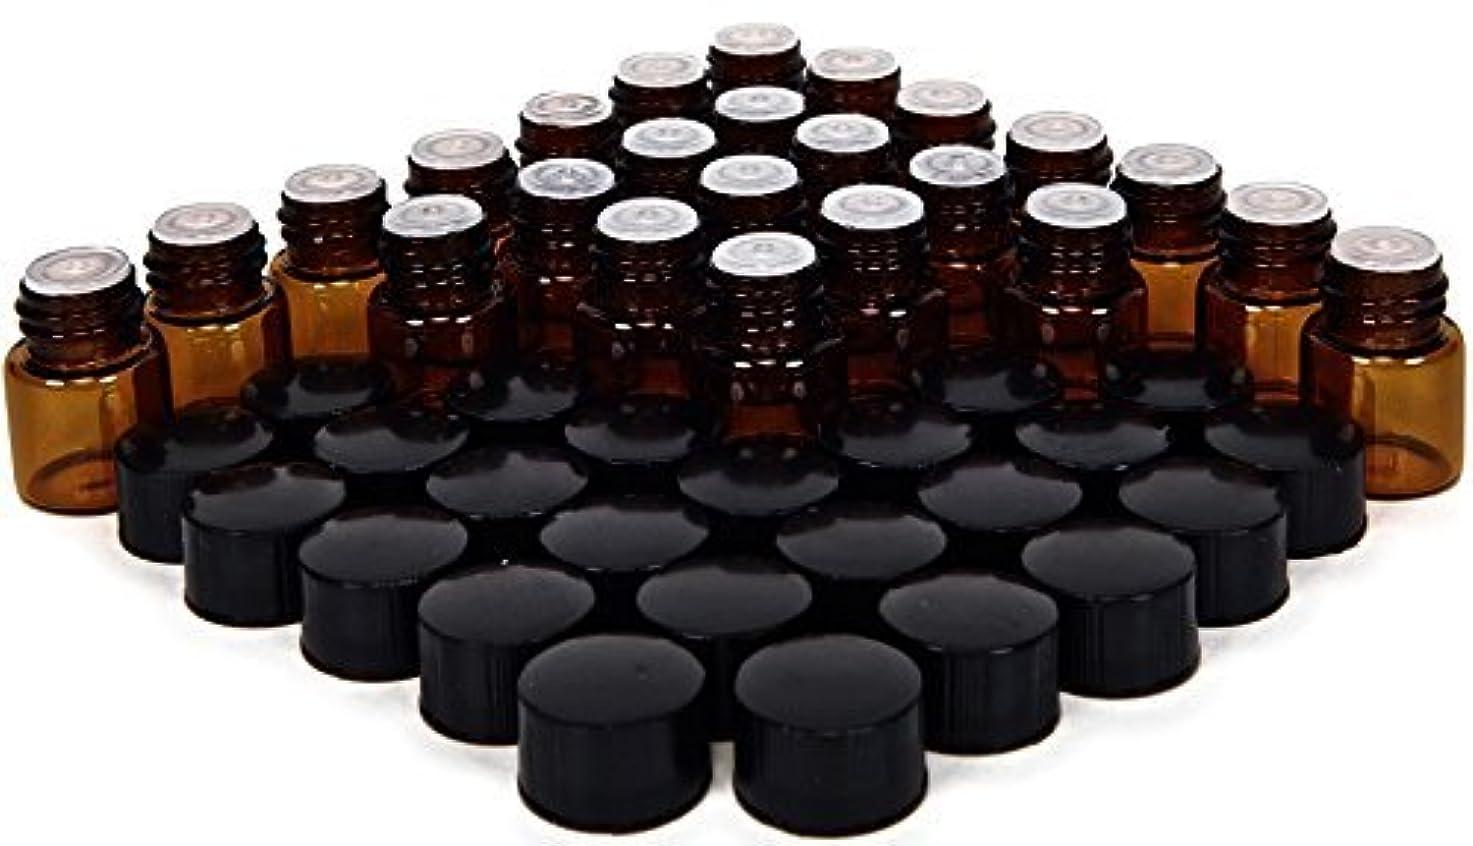 脱獄タブレットにはまって24, Amber, 1 ml (1/4 Dram) Glass Bottles, with Orifice Reducers and Black Caps [並行輸入品]